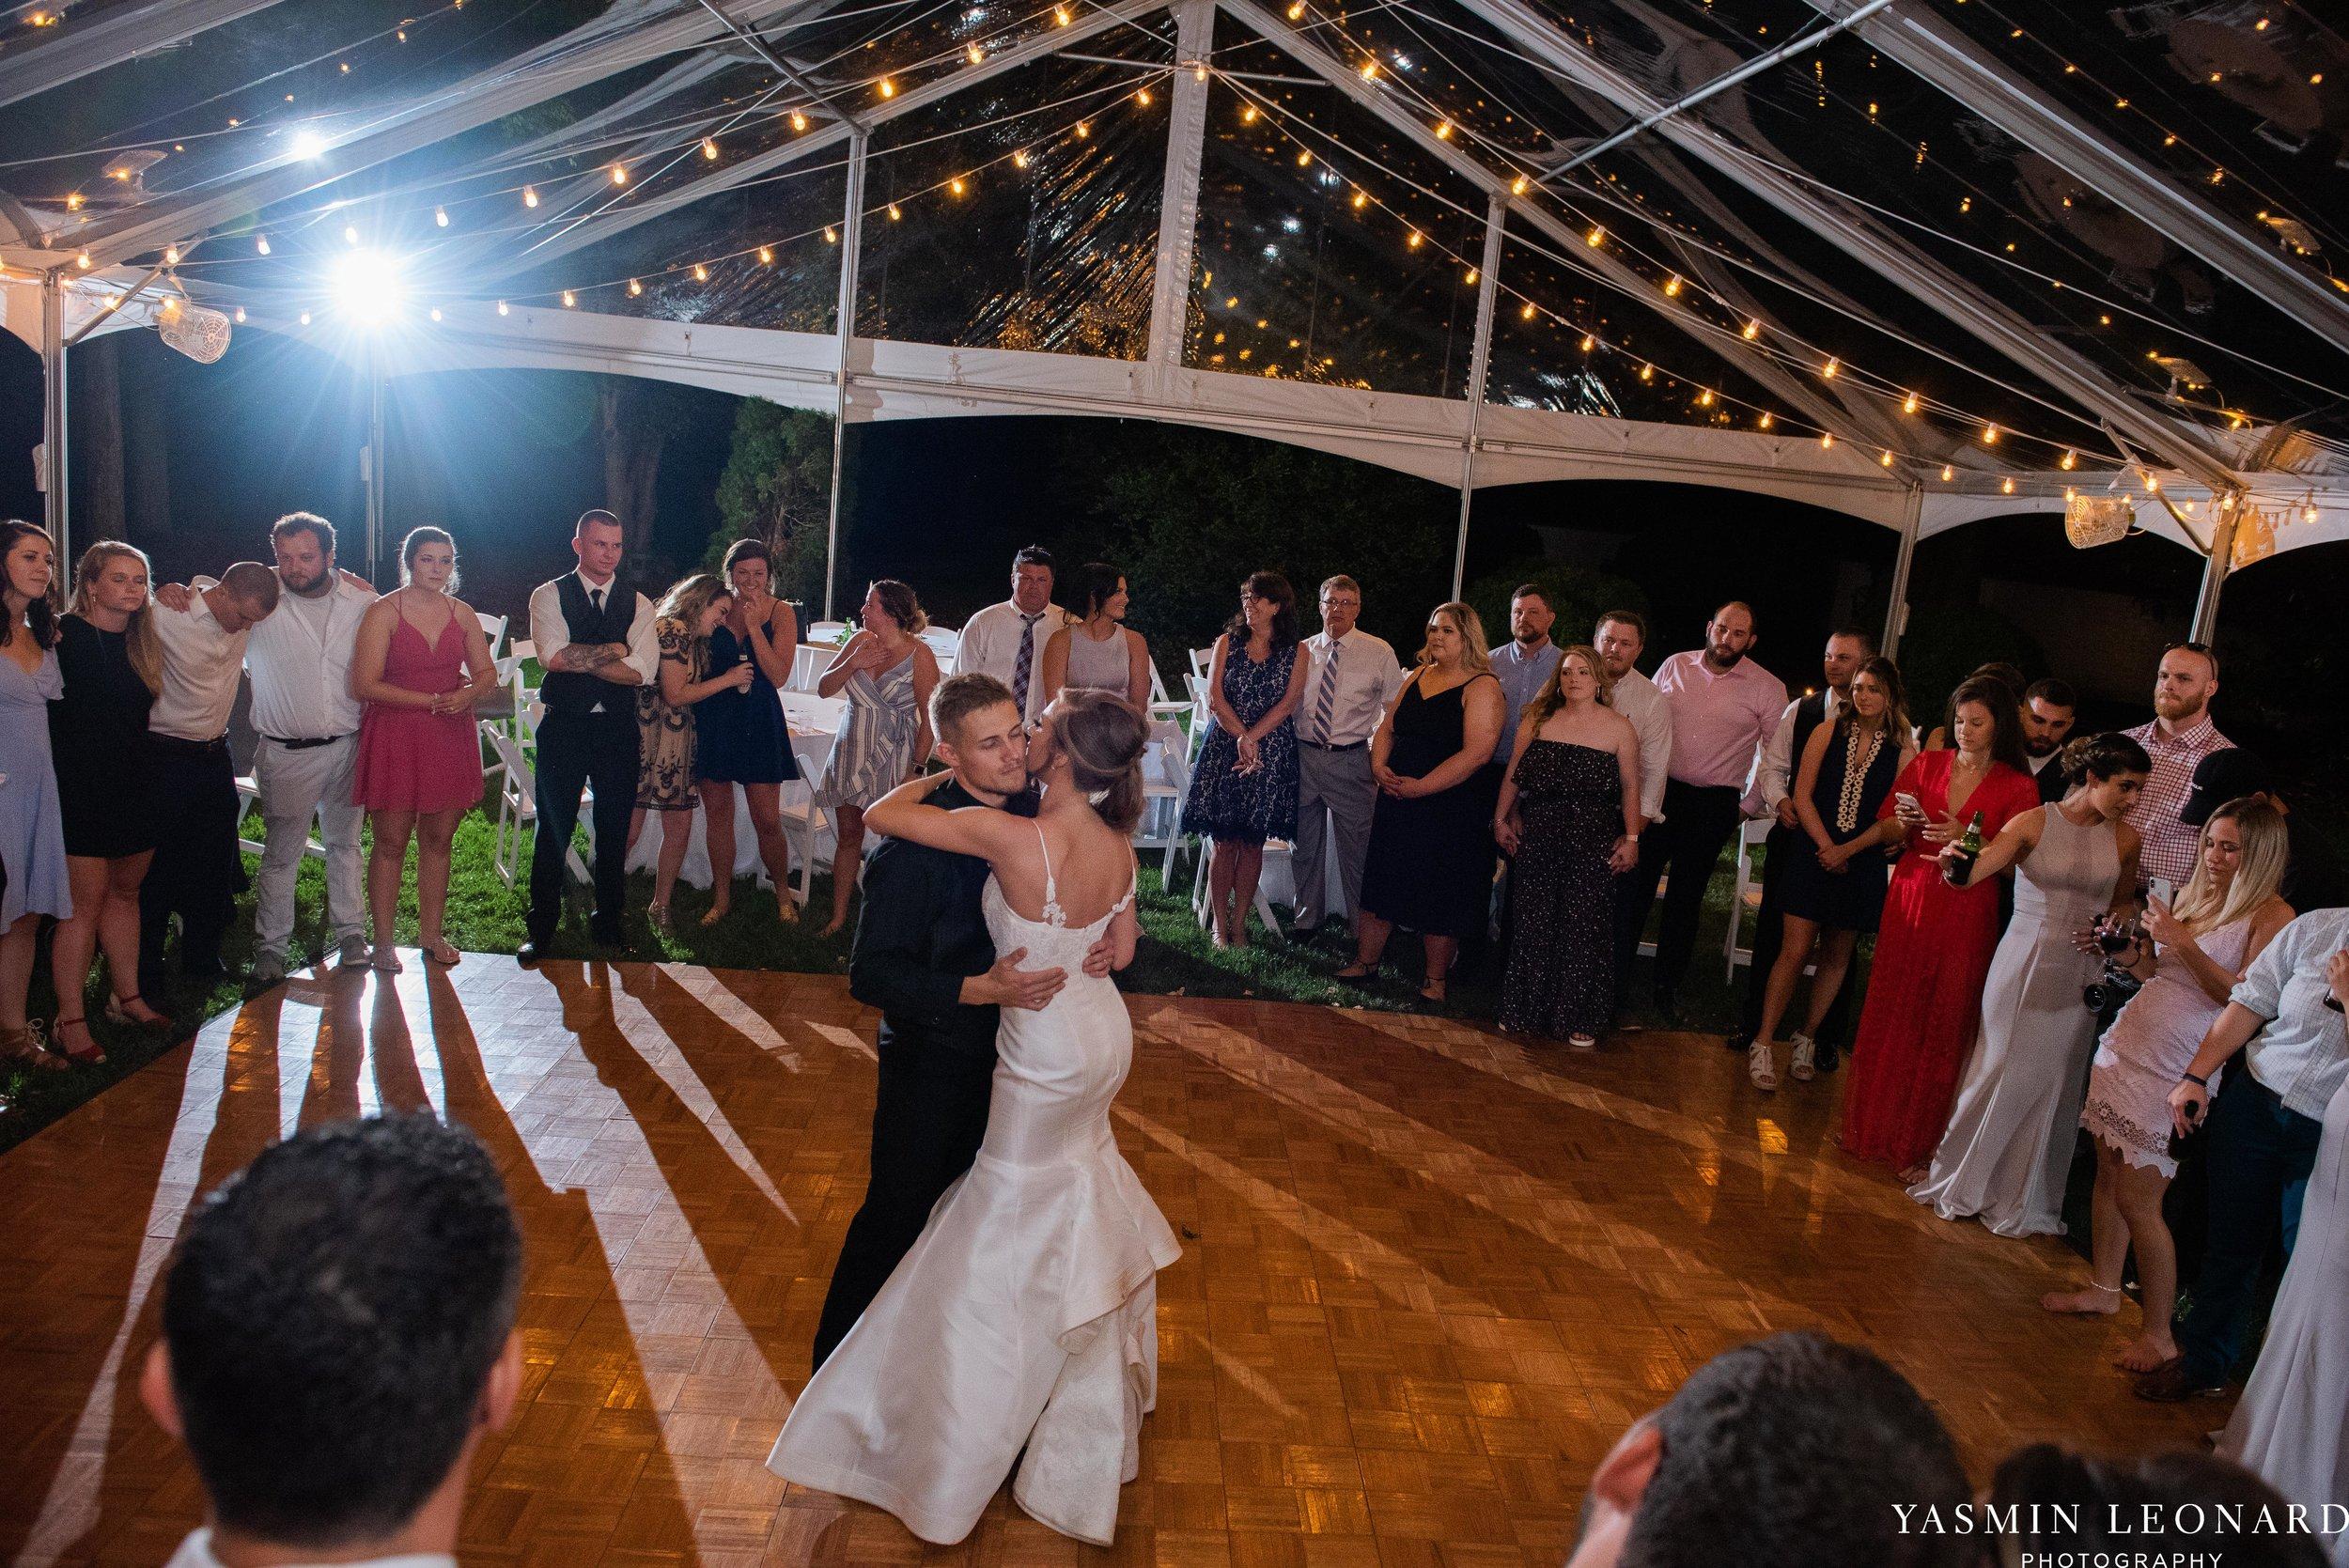 Boxwood Estate - Boxwood Estate Wedding - Luxury Wedding - Black and White Wedding - NC Wedding Venues - NC Weddings - NC Photographer - Lantern Release Grand Exit - Large Wedding Party - Yasmin Leonard Photography-89.jpg